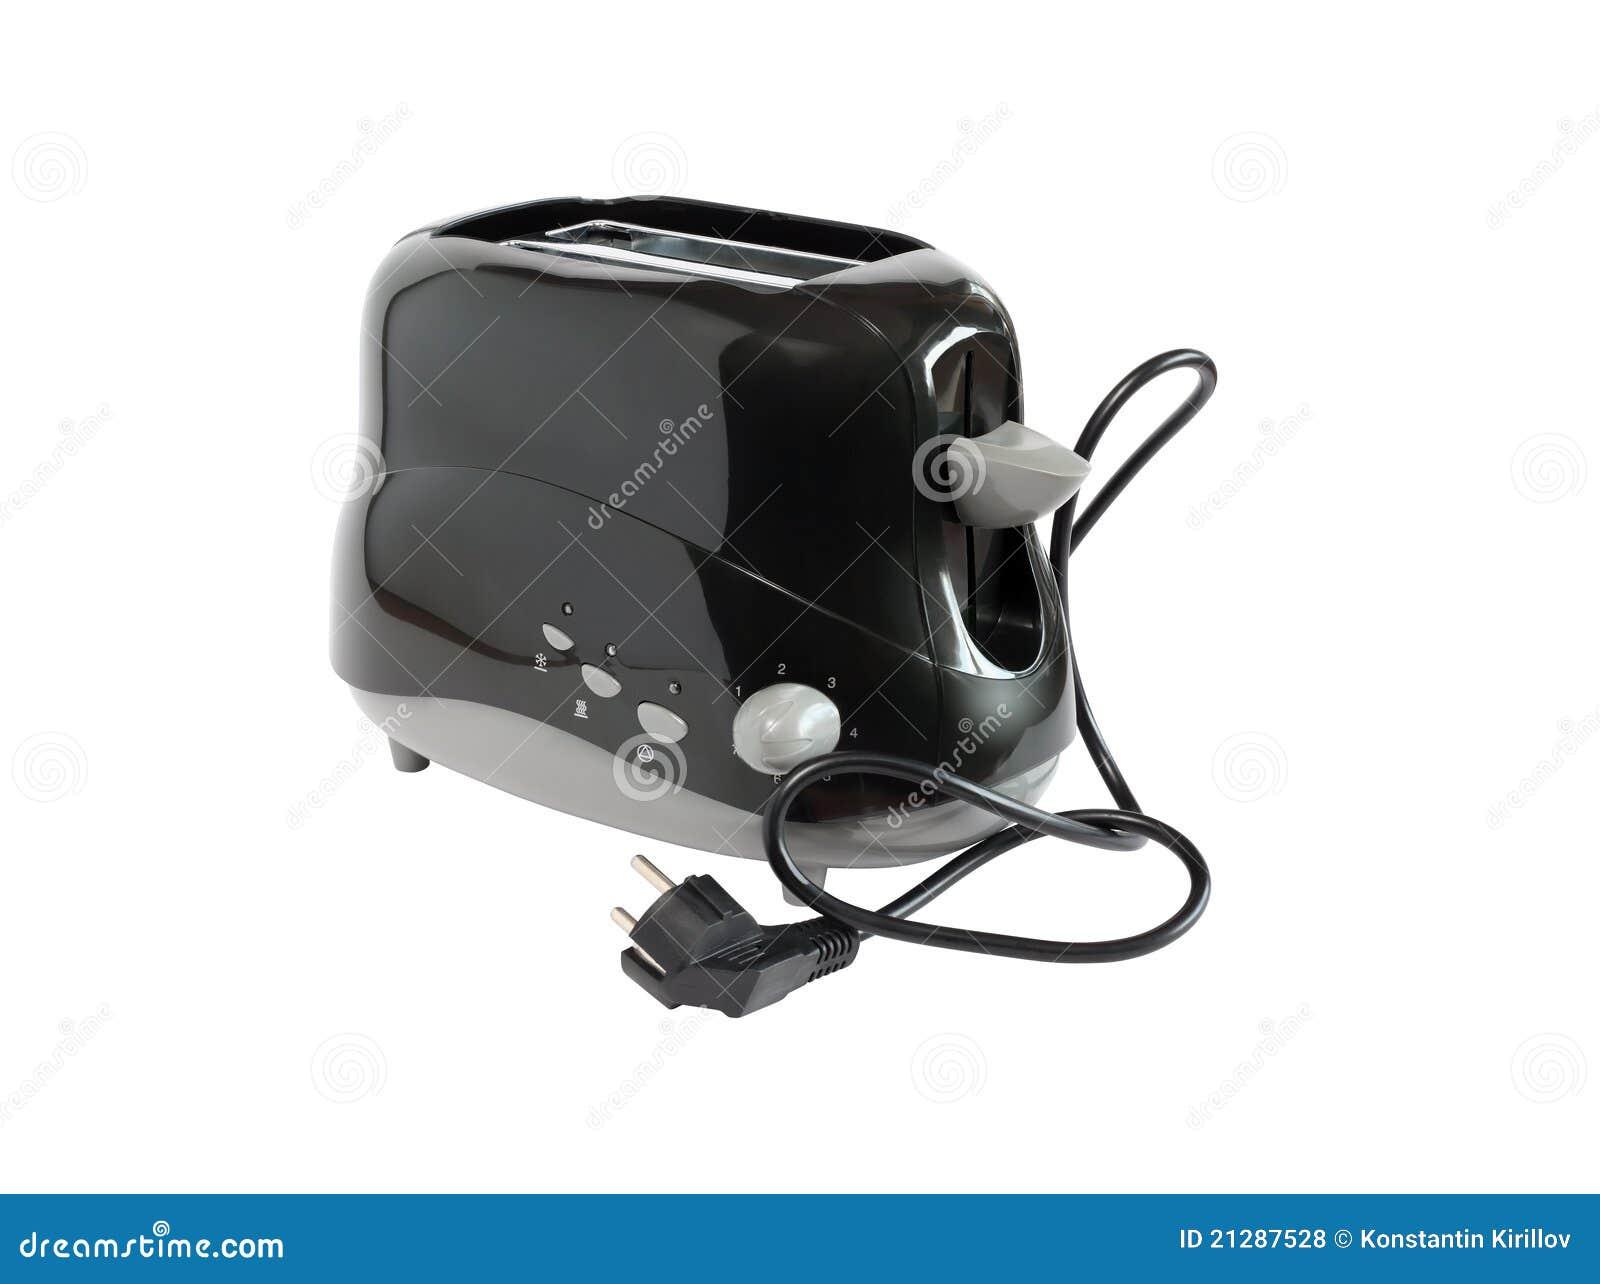 Tostadora negra fotos de archivo libres de regal as - Tostadora diseno ...